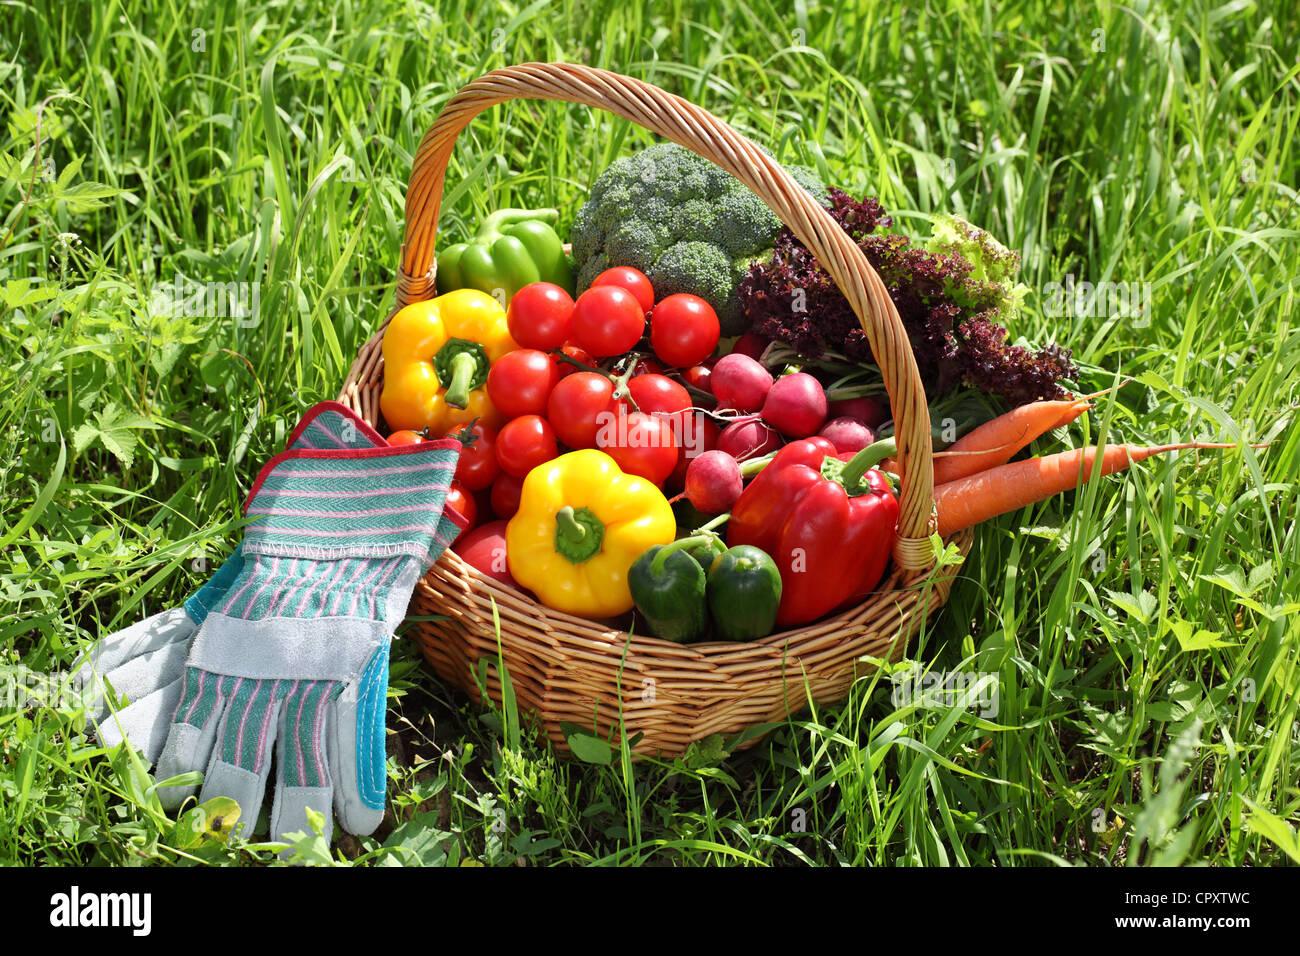 Panier plein de légumes biologiques avec glove sur l'herbe verte. Photo Stock